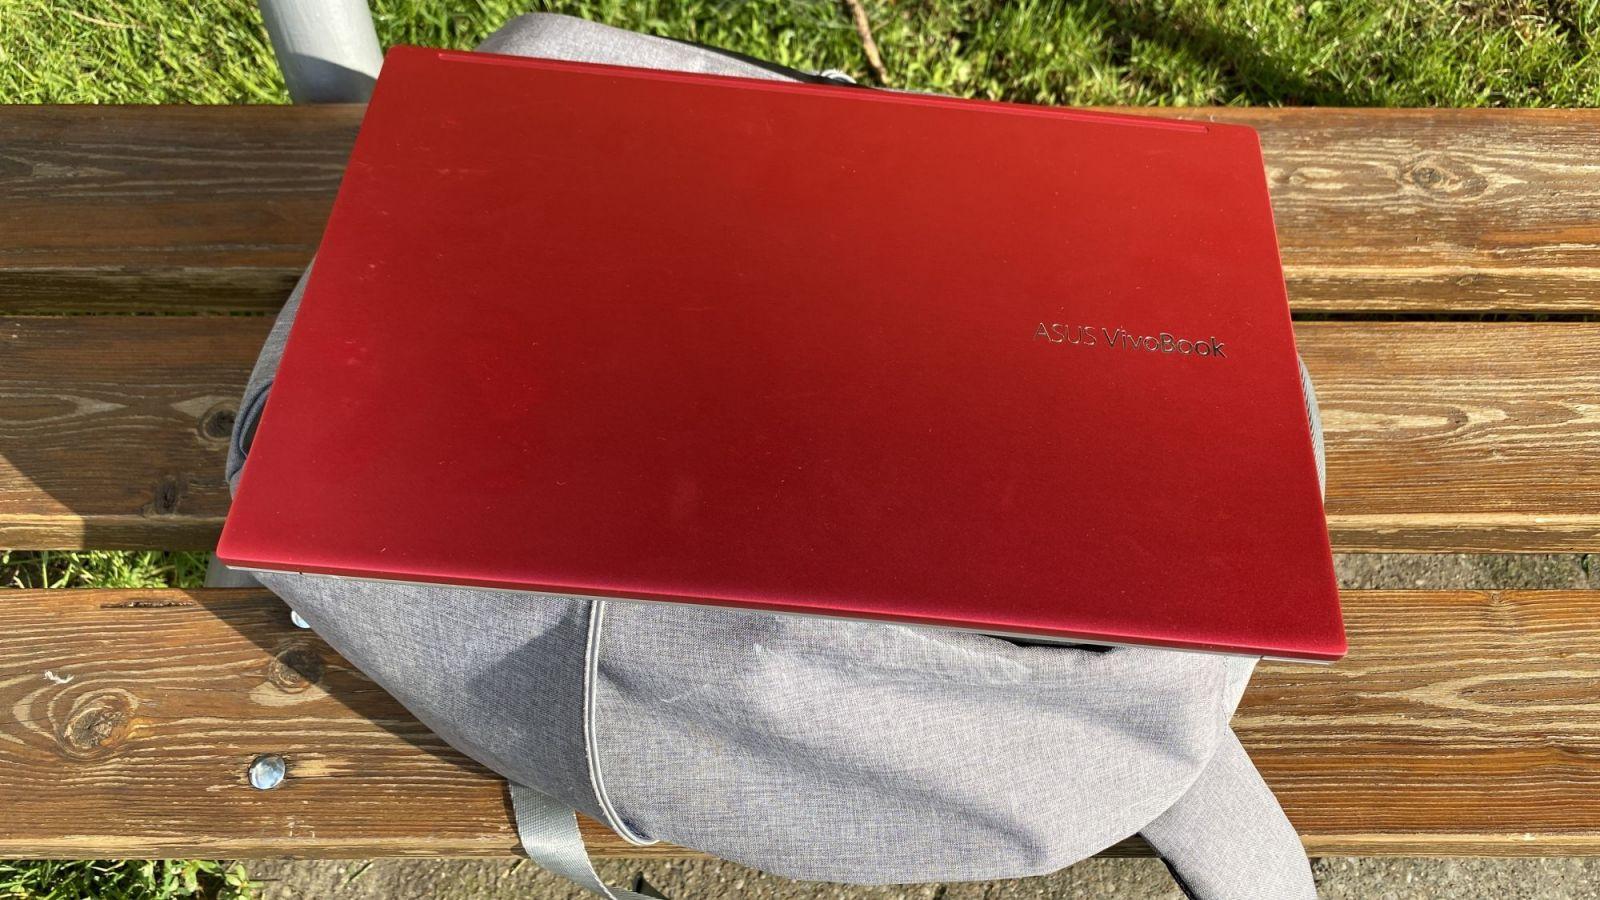 Asus VivoBook S15 - je to ten najlepší počítač na bežnú kancelársku prácu? (Recenzia)